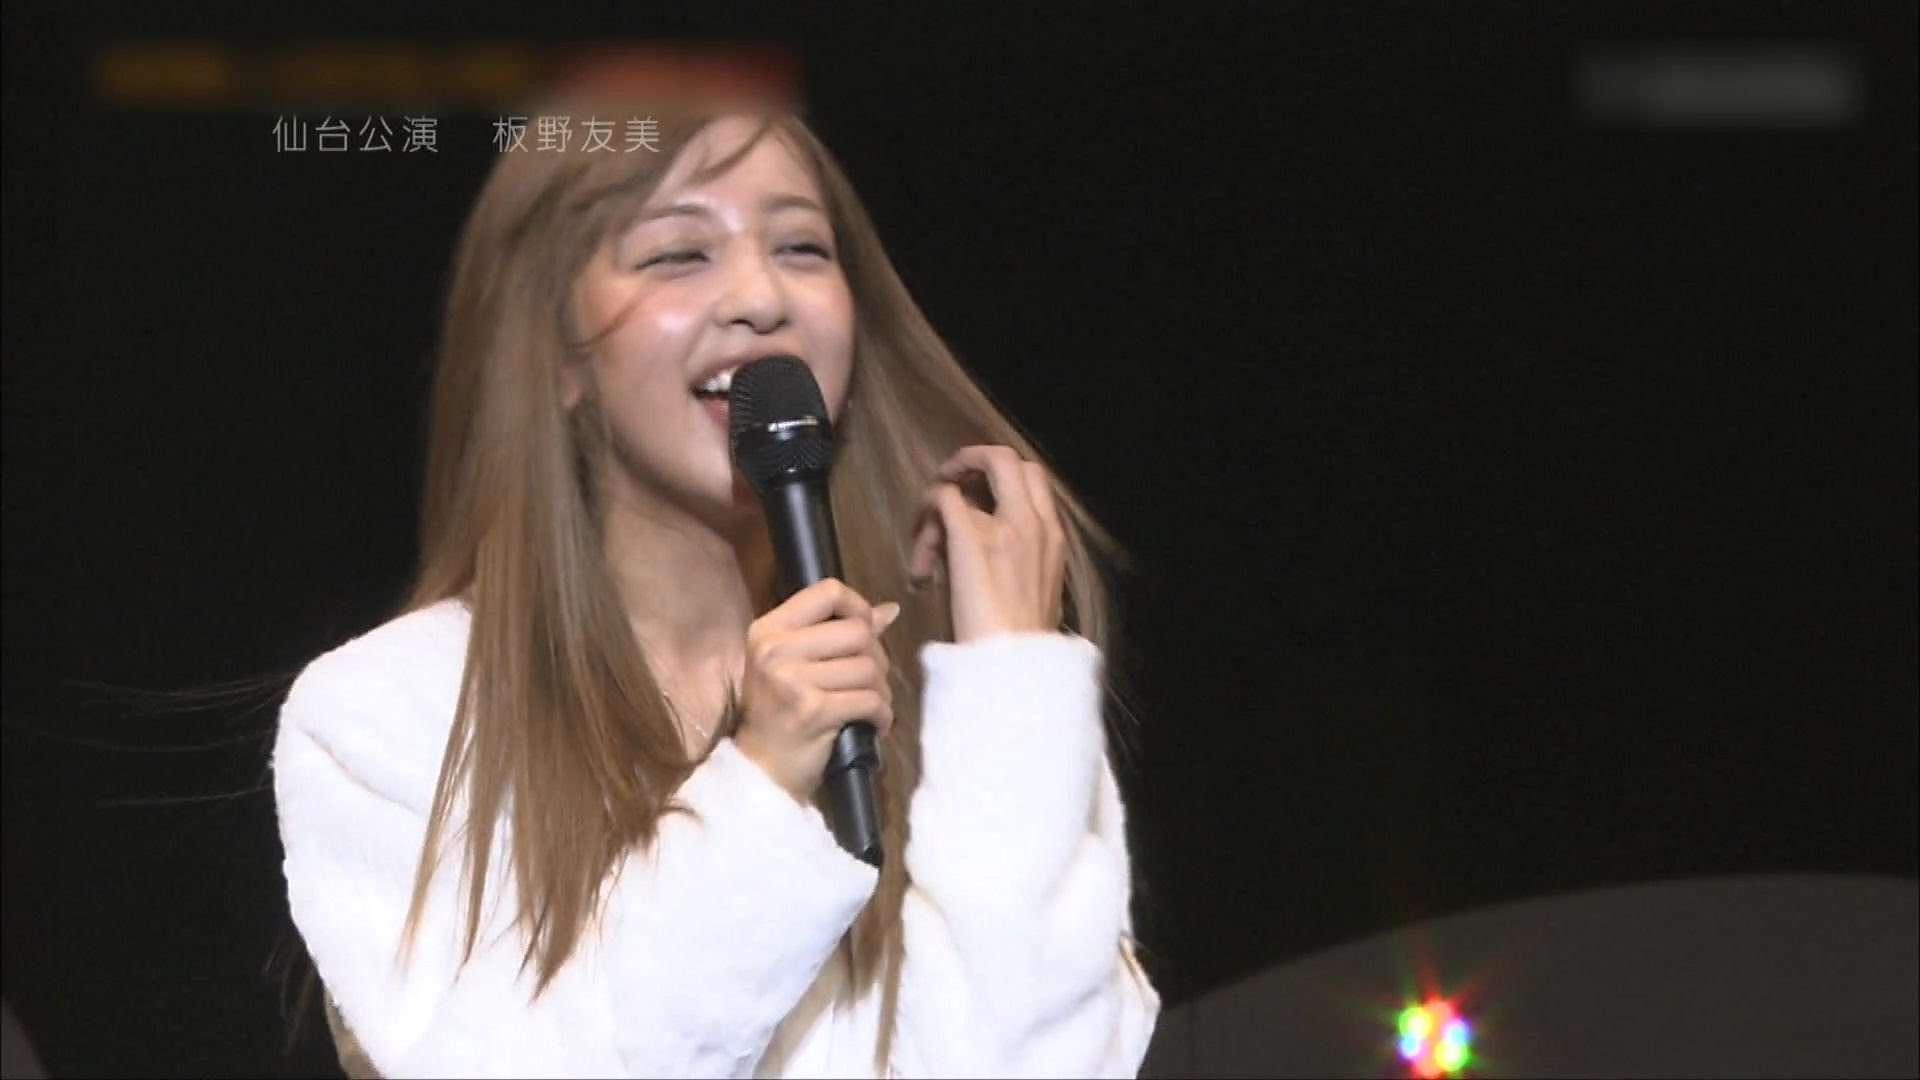 板野友美 「少女A」 LIVE生歌